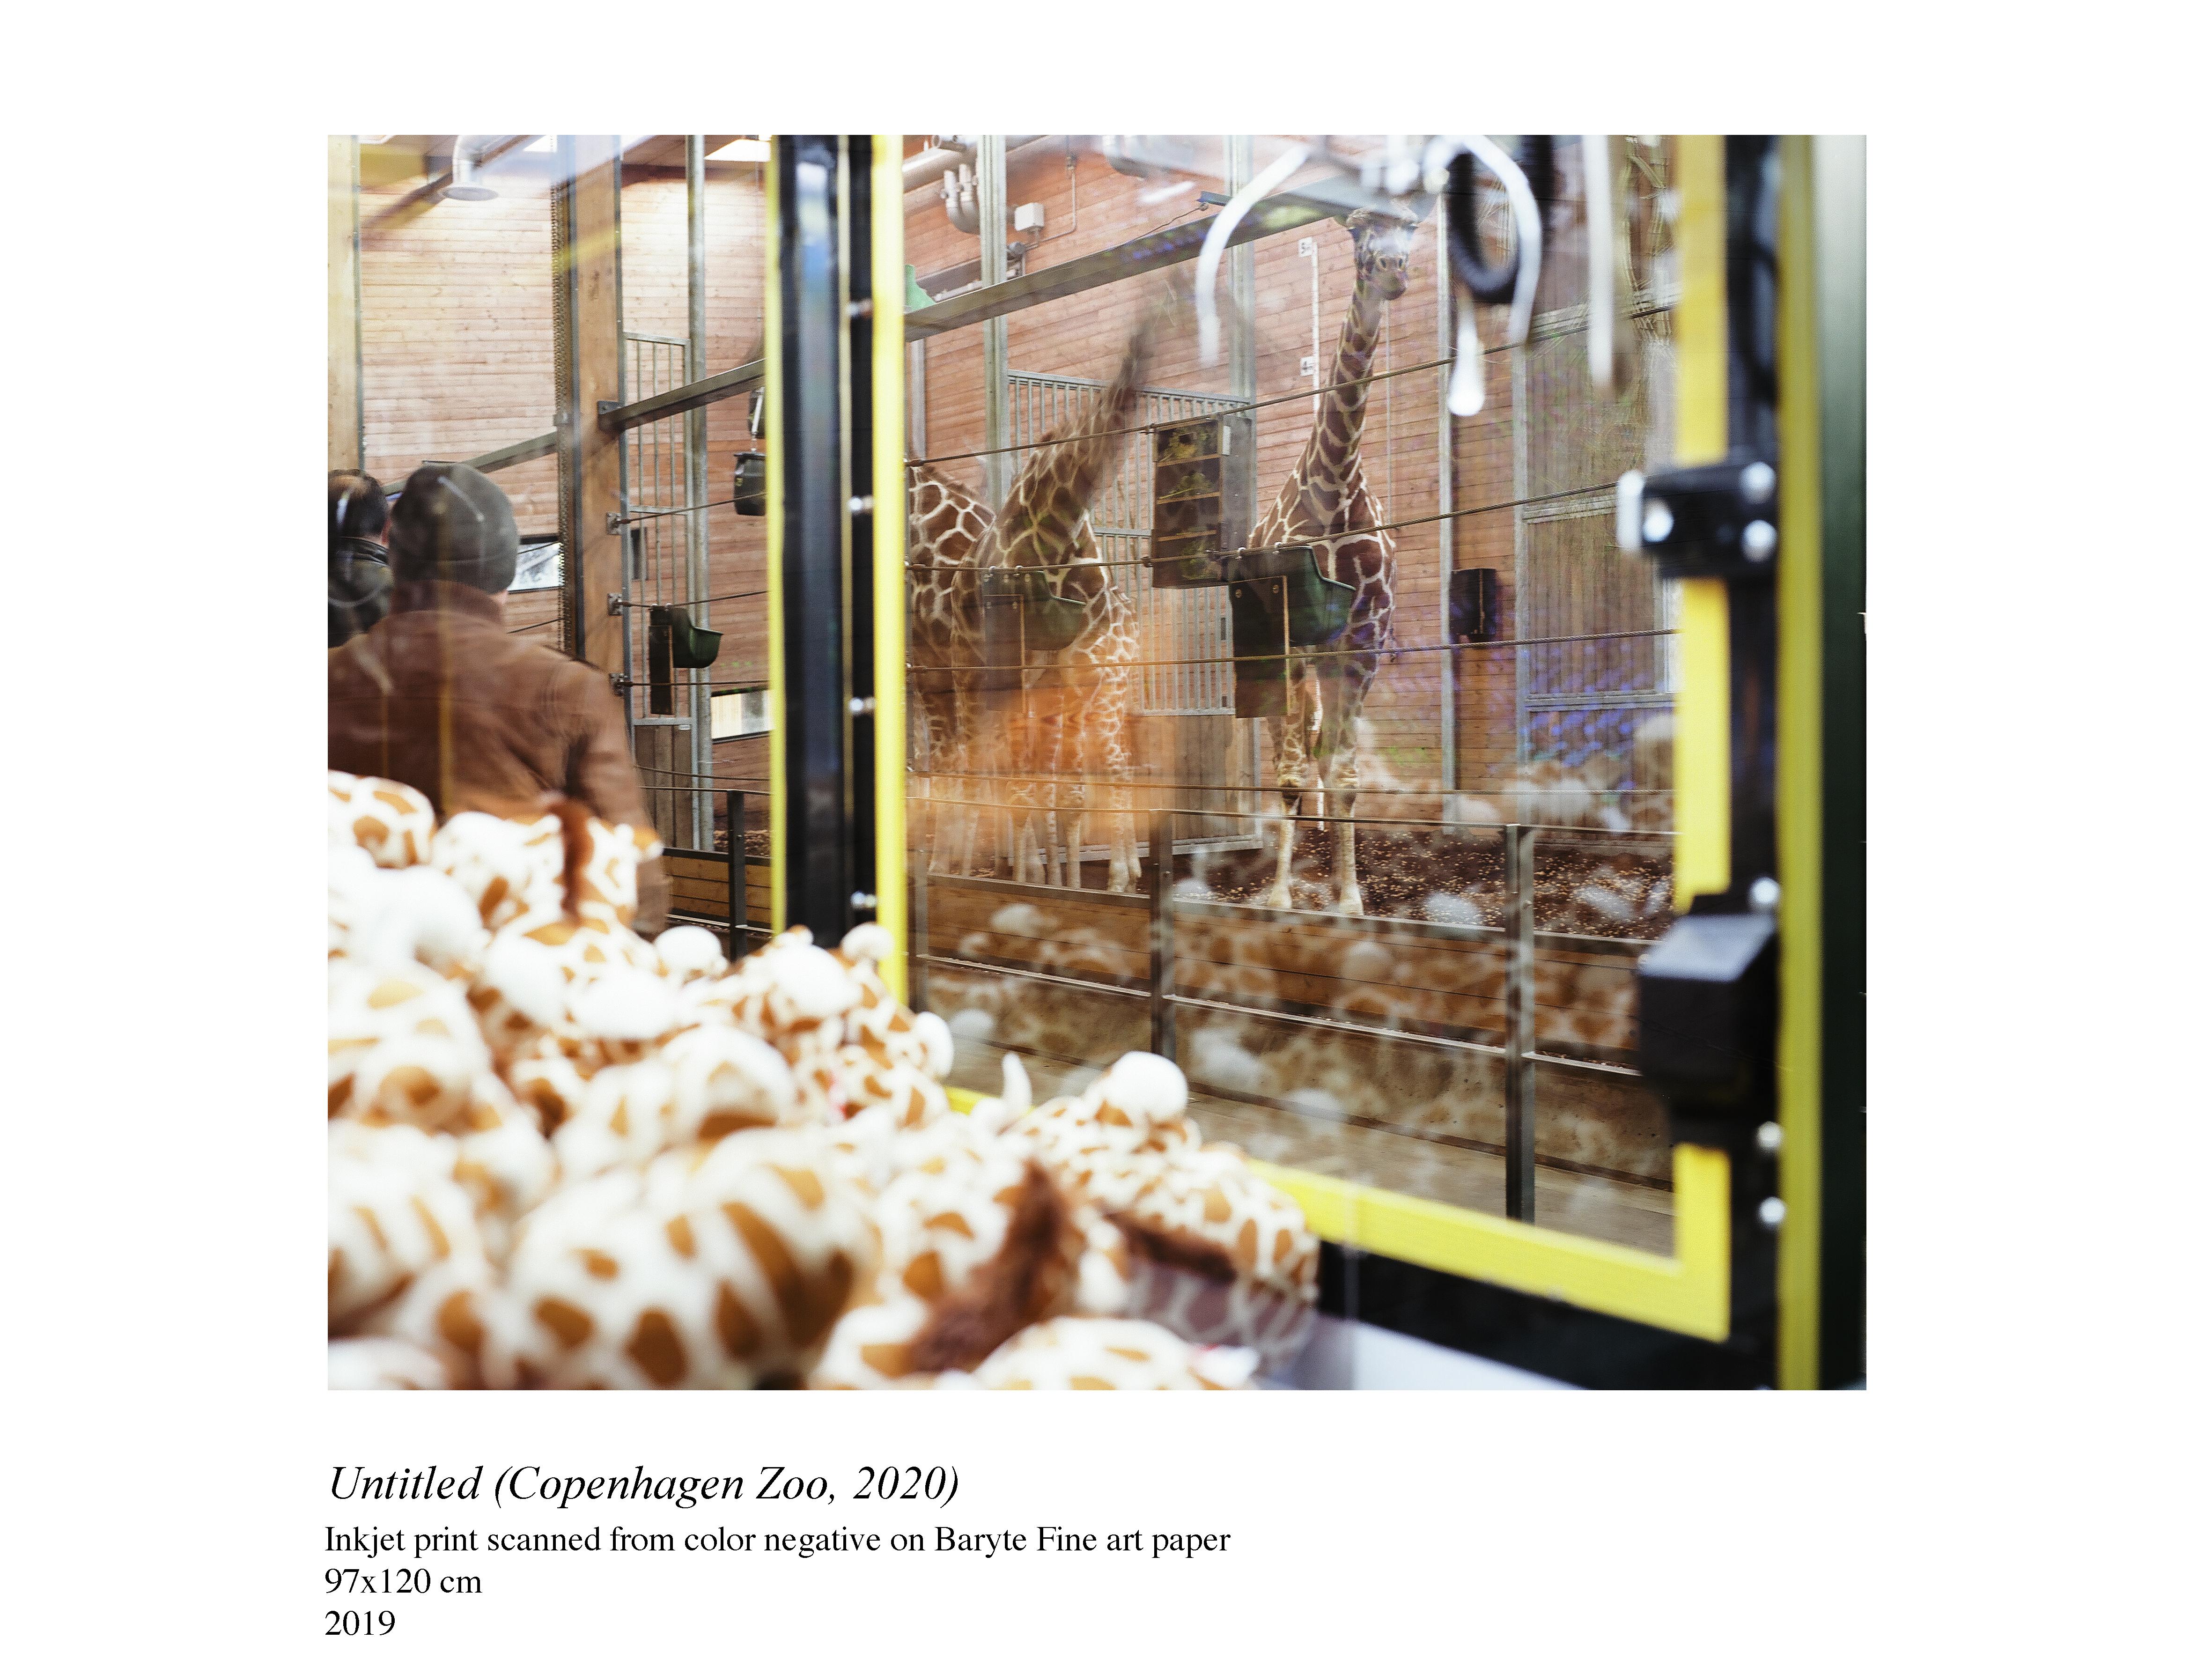 copenhagen 2020 4 copy